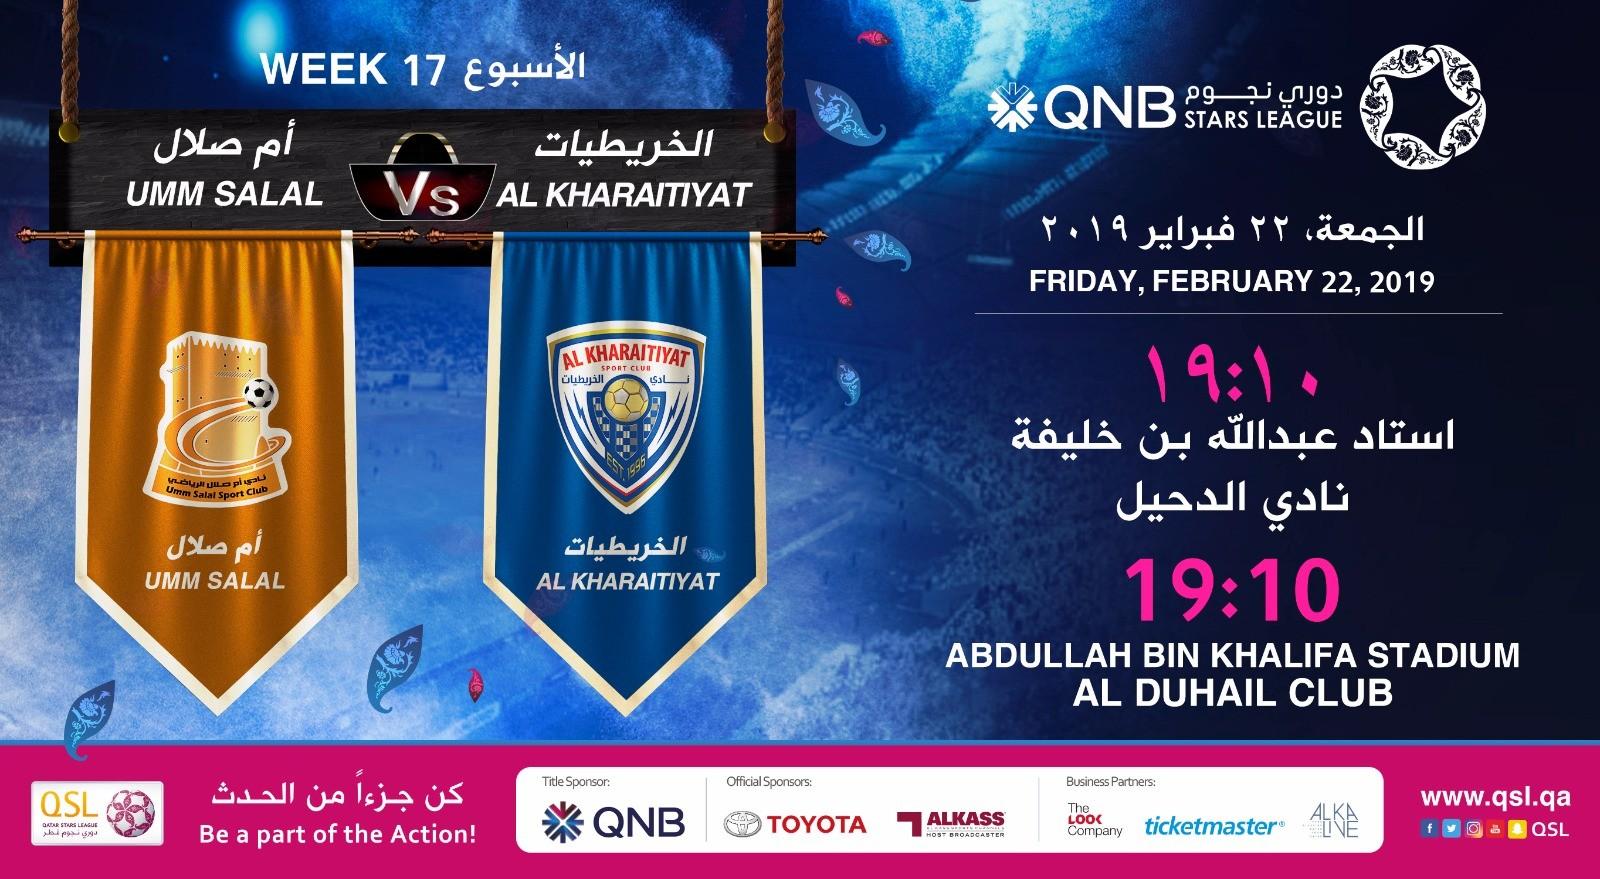 QNB Stars League Week 17 — Umm Salal vs Al Kharaitiyat